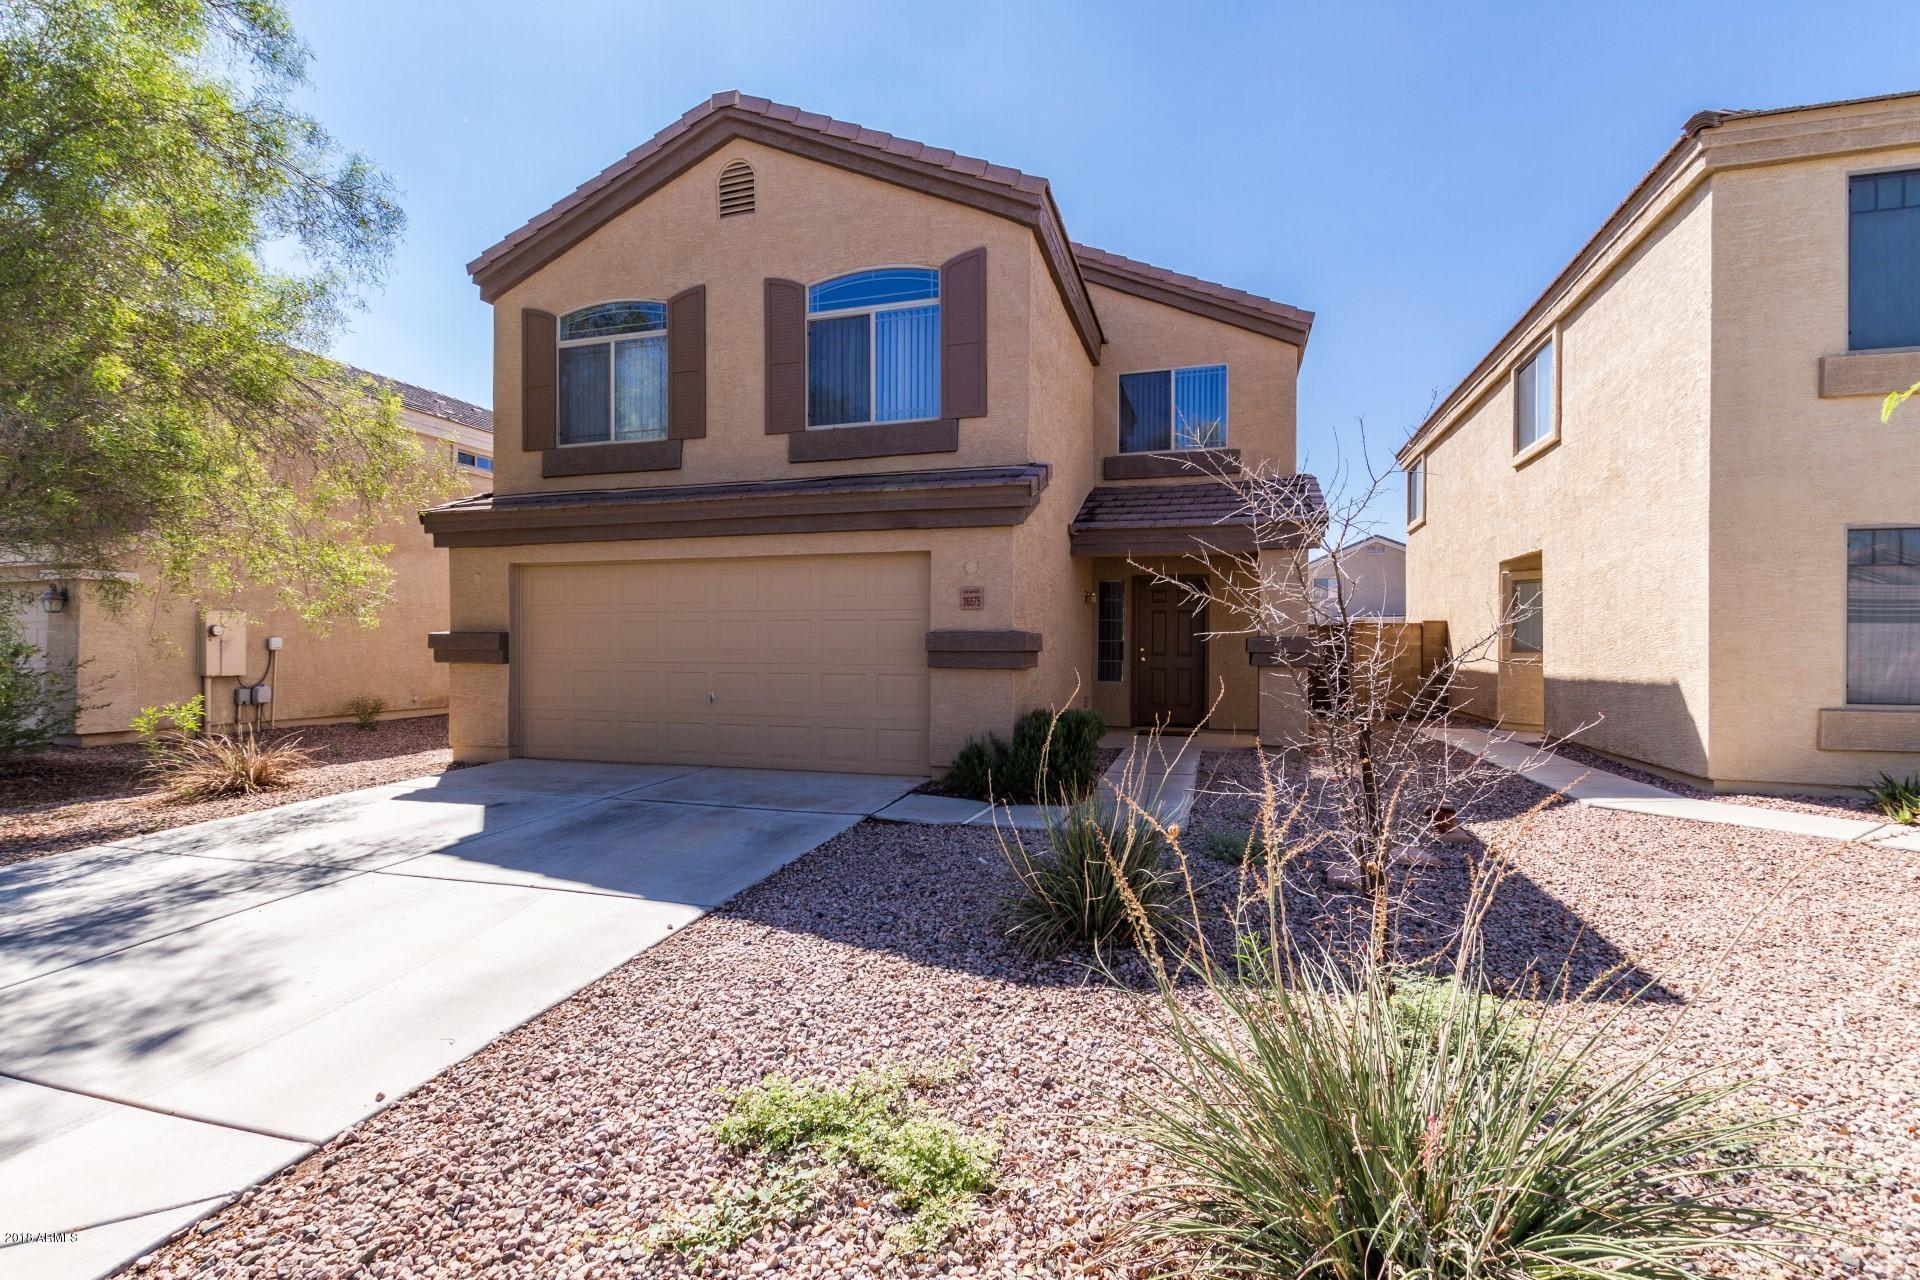 Photo of 36575 W Nina Street, Maricopa, AZ 85138